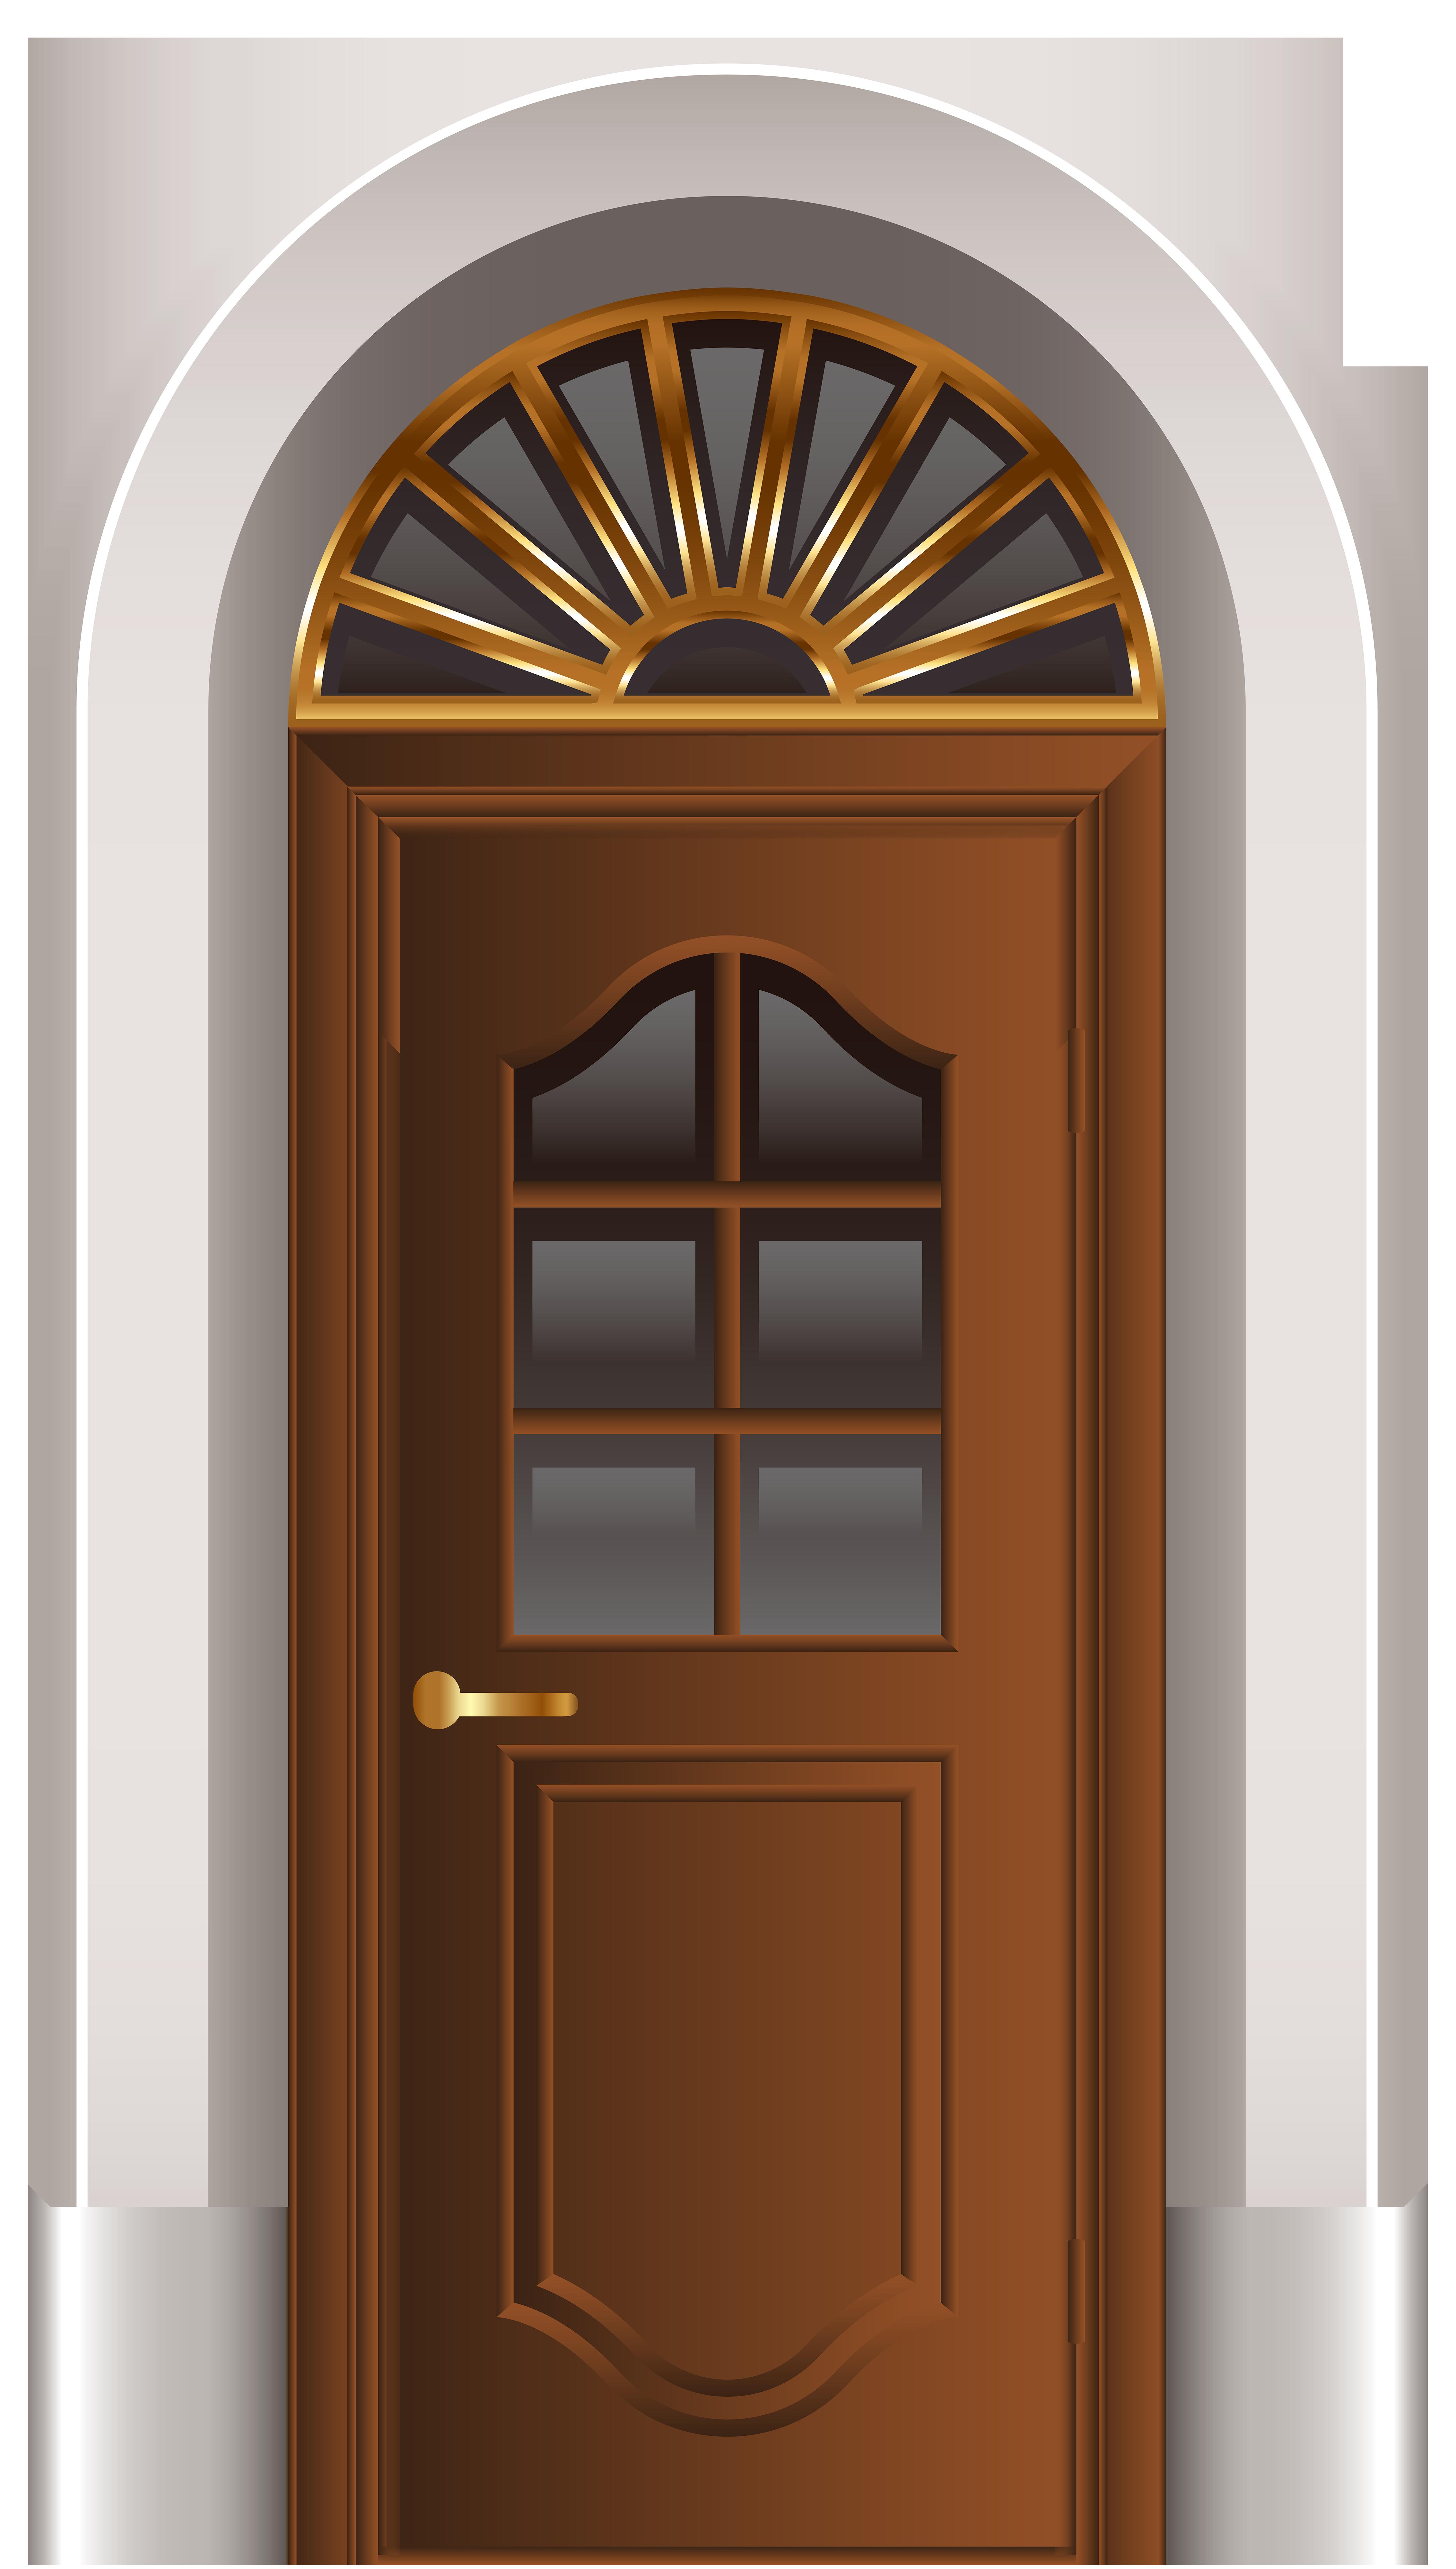 Door clipart home door. Exterior png best web